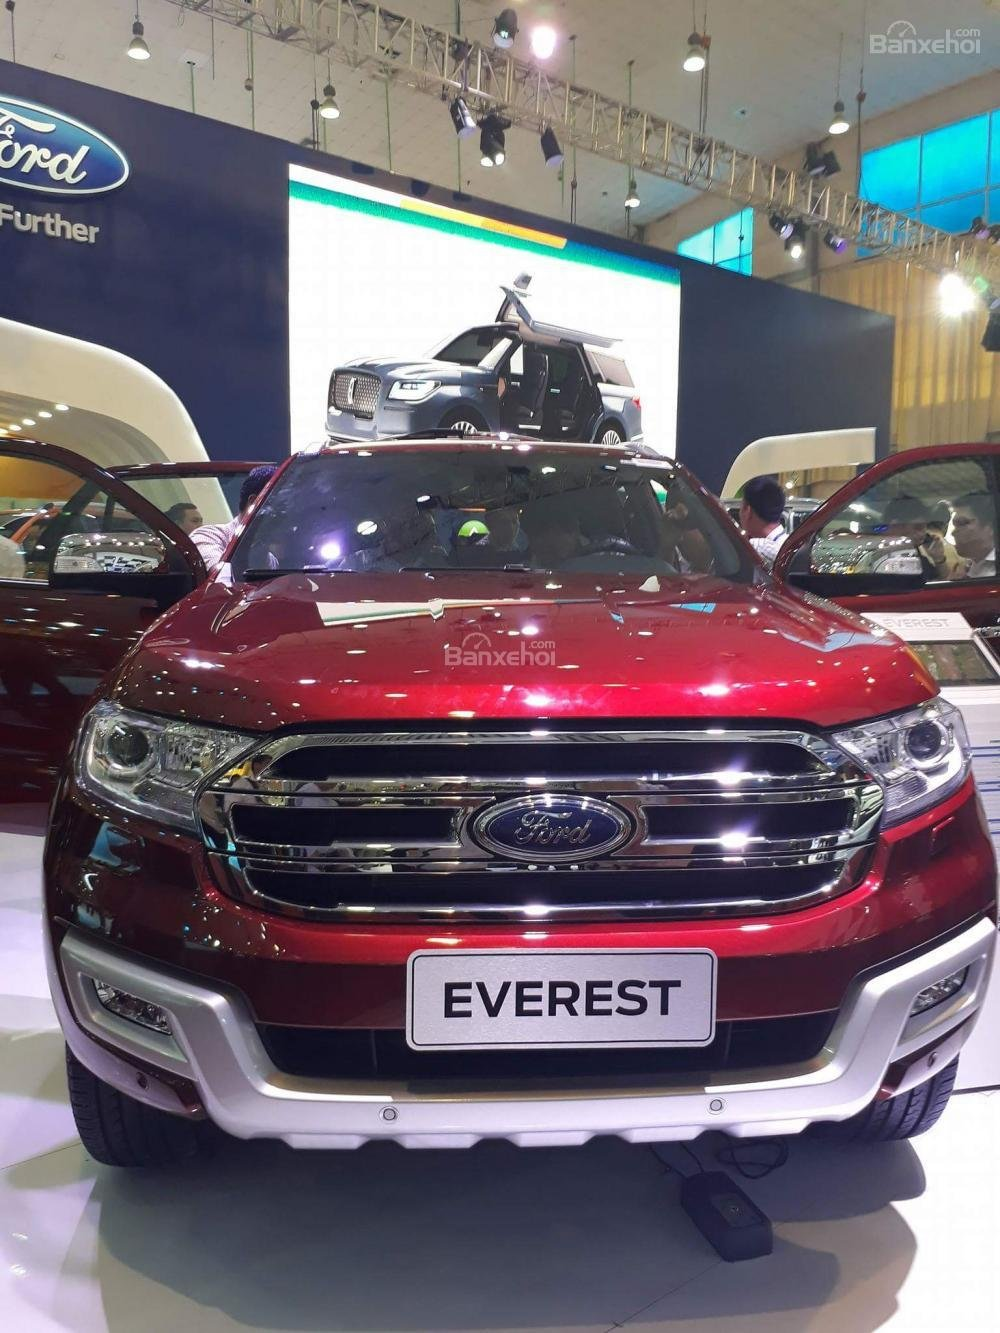 Bảng giá xe Ford Everest, tặng BHTV 61tr, phụ kiện, trả góp 85% LS thấp. Tel: 0919.263.586-3